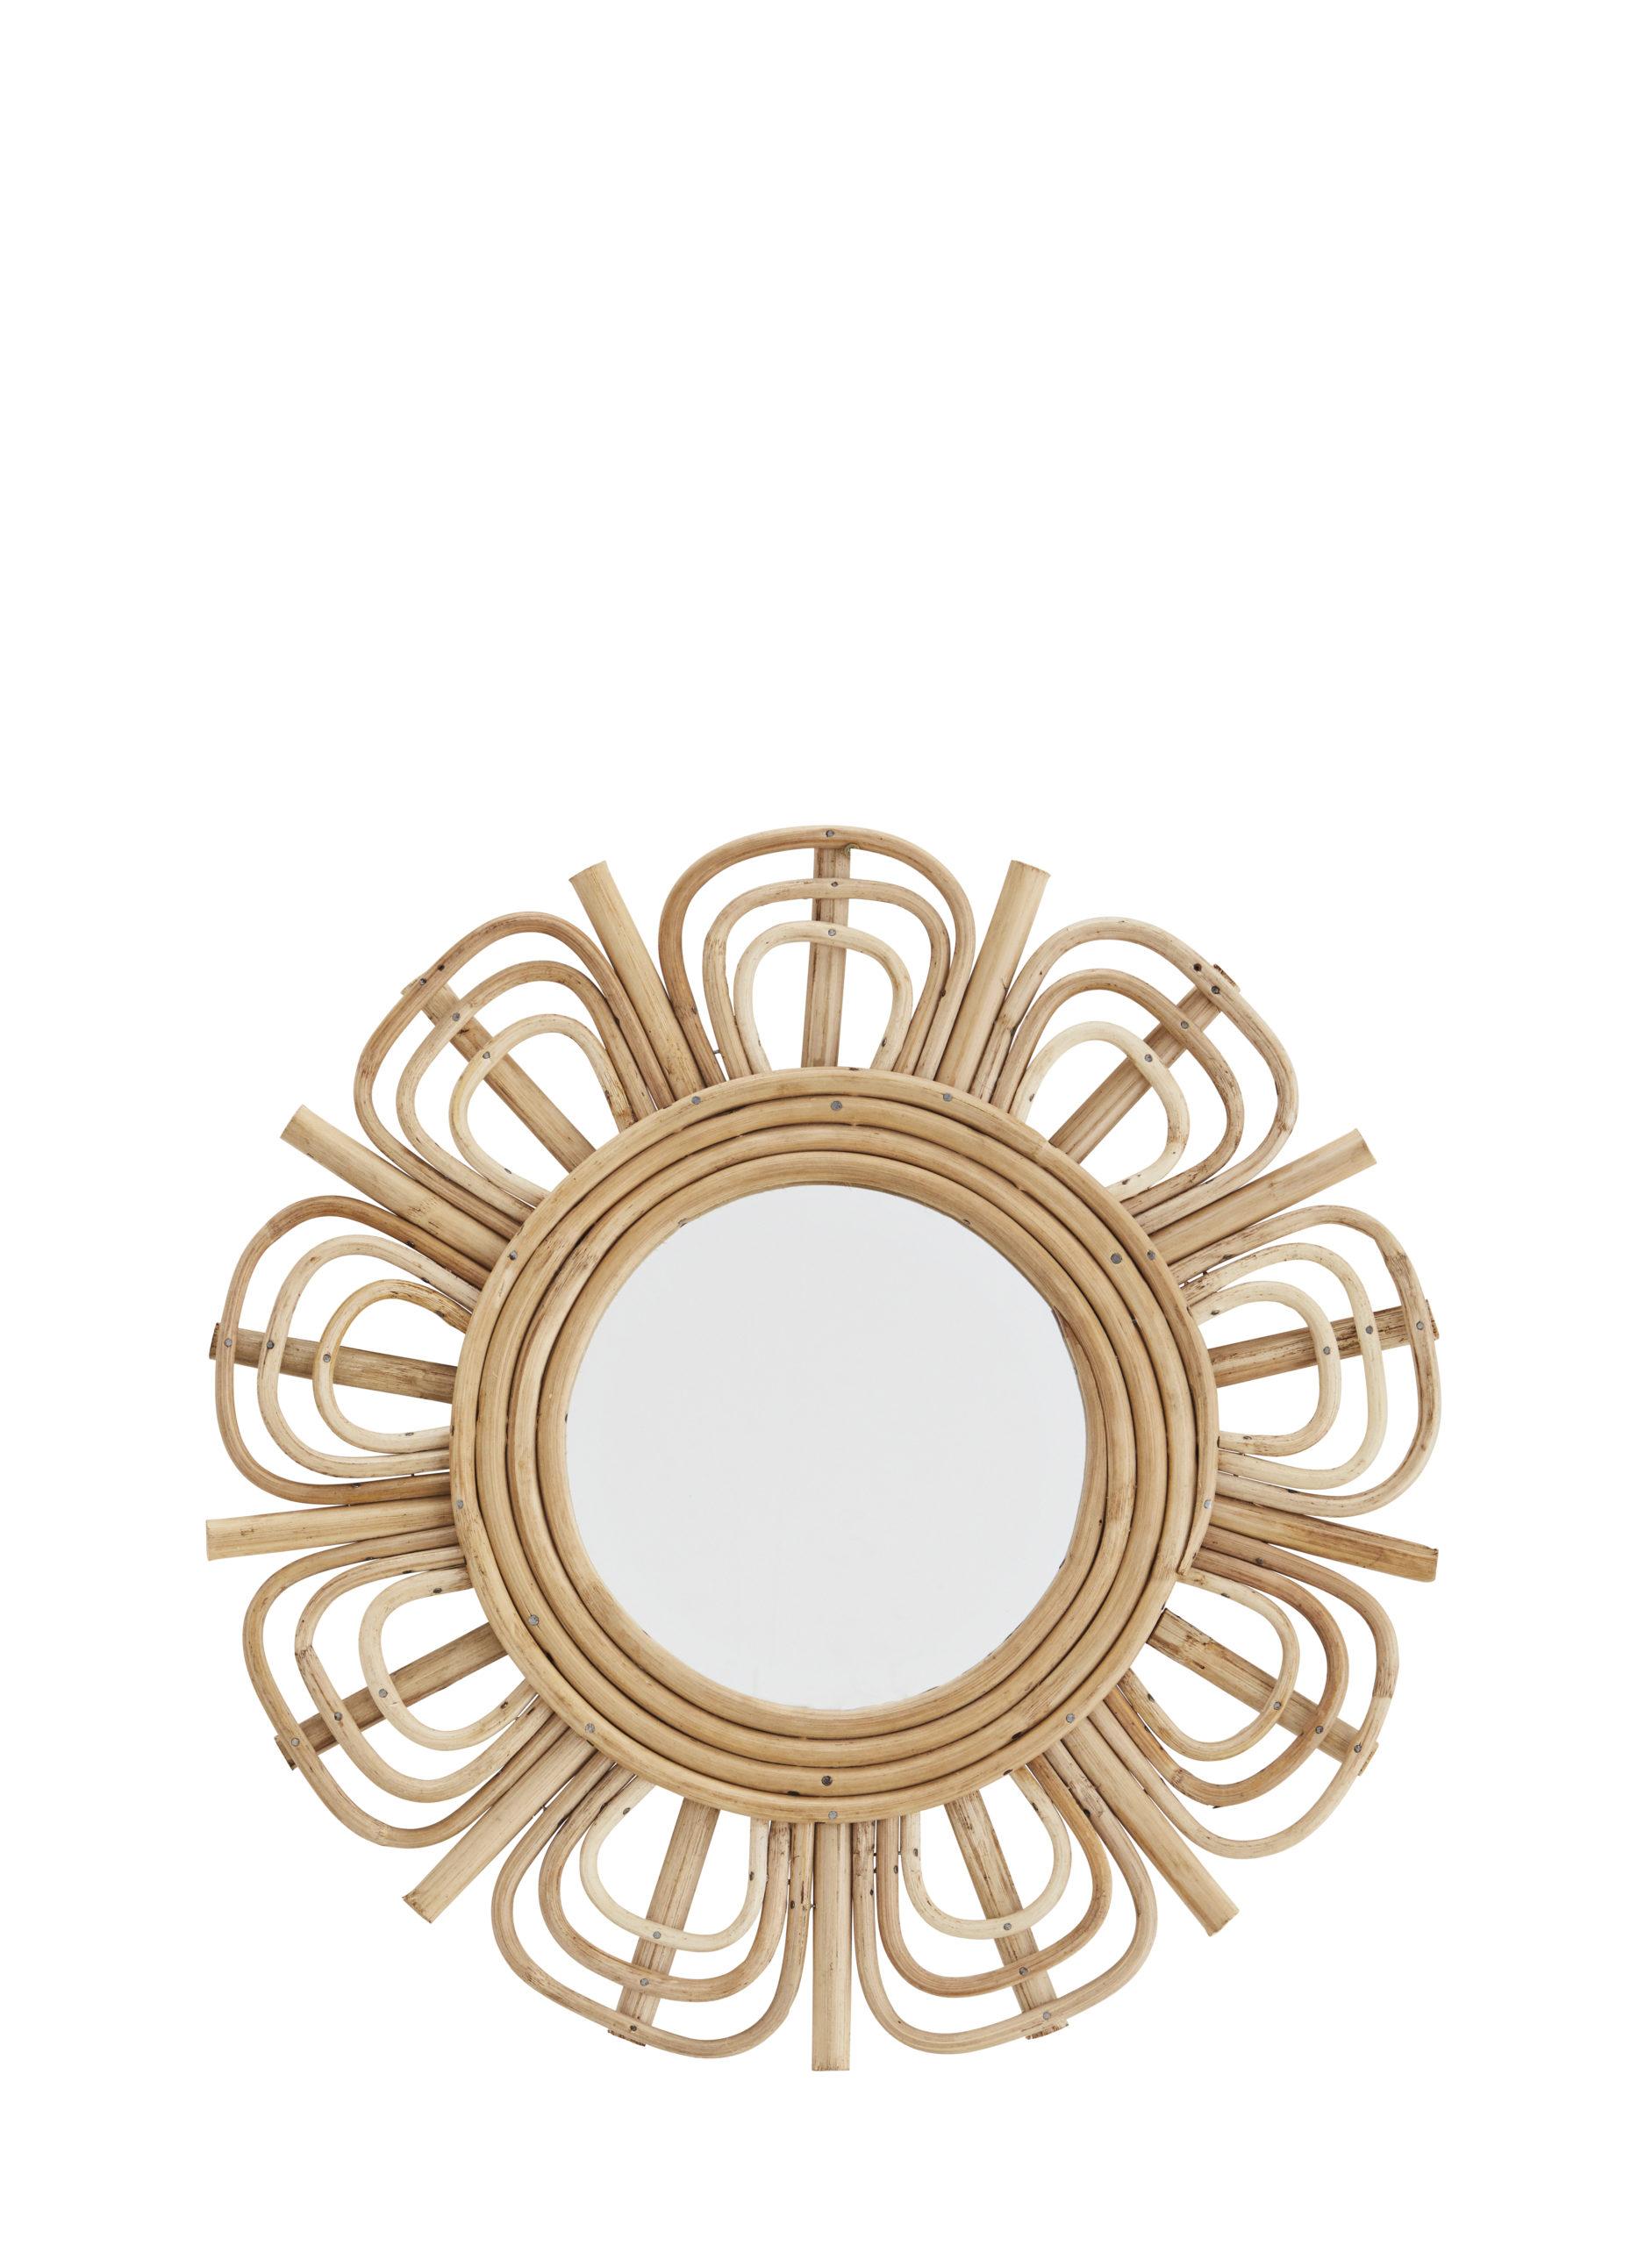 Miroir rond fleur en bambou * Madam stoltz